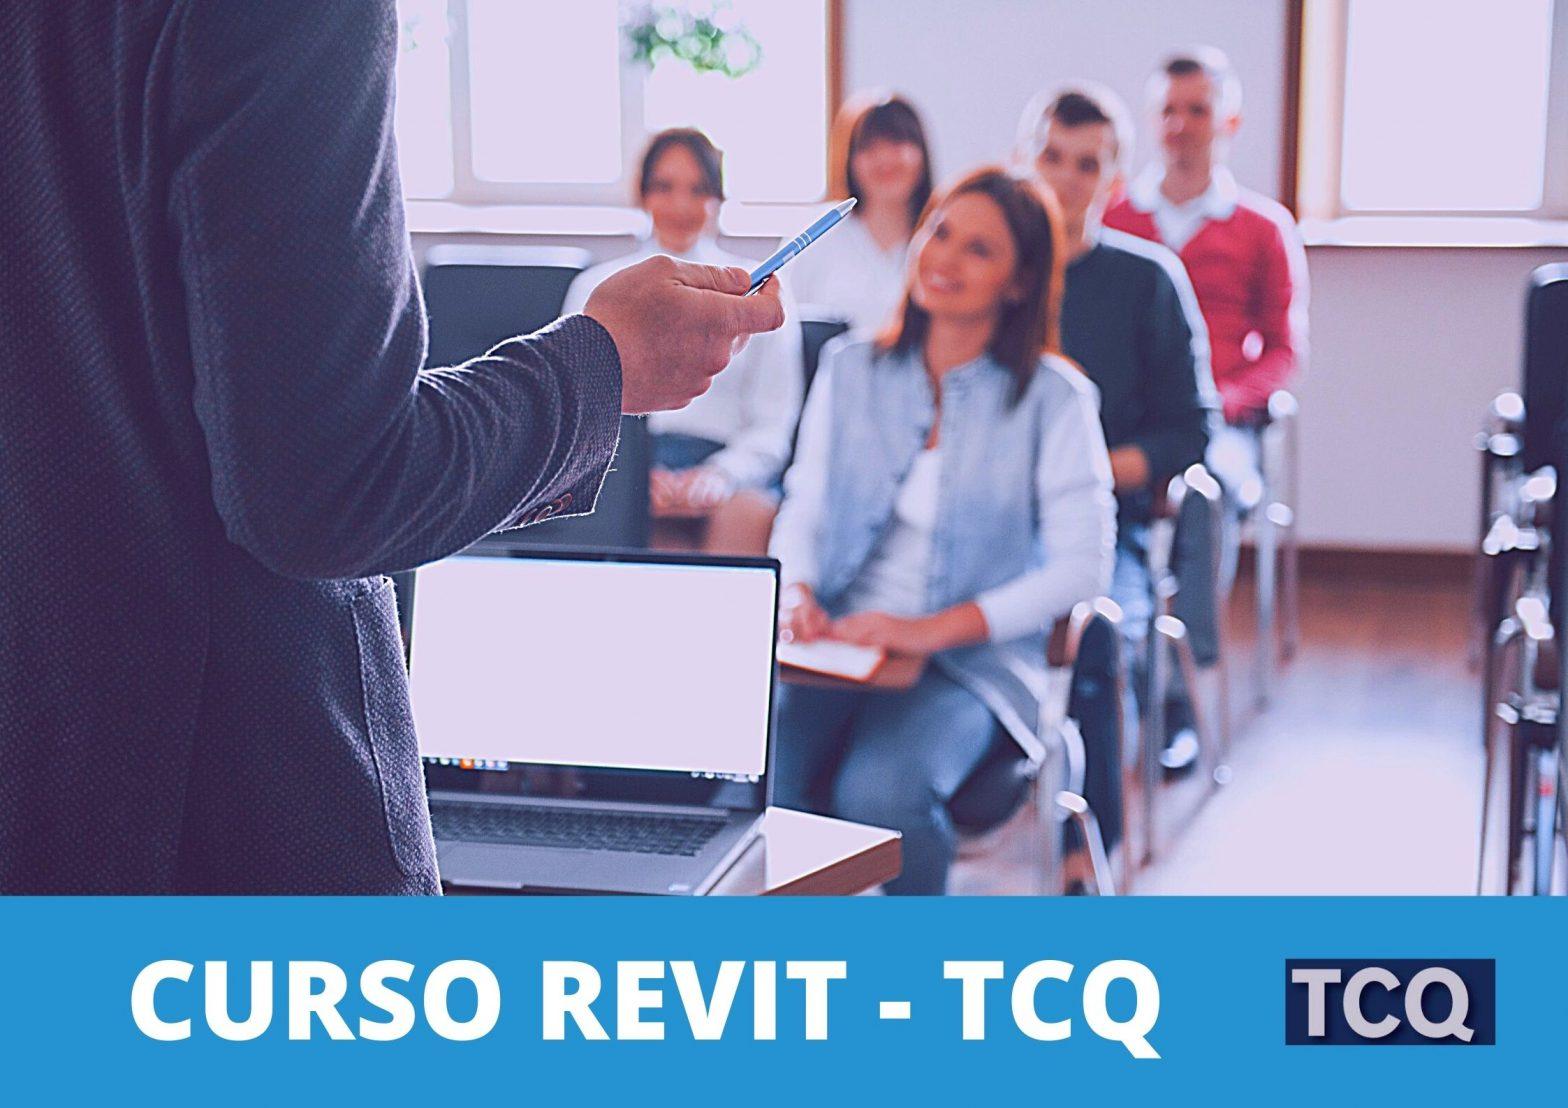 CURSO REVIT TCQ